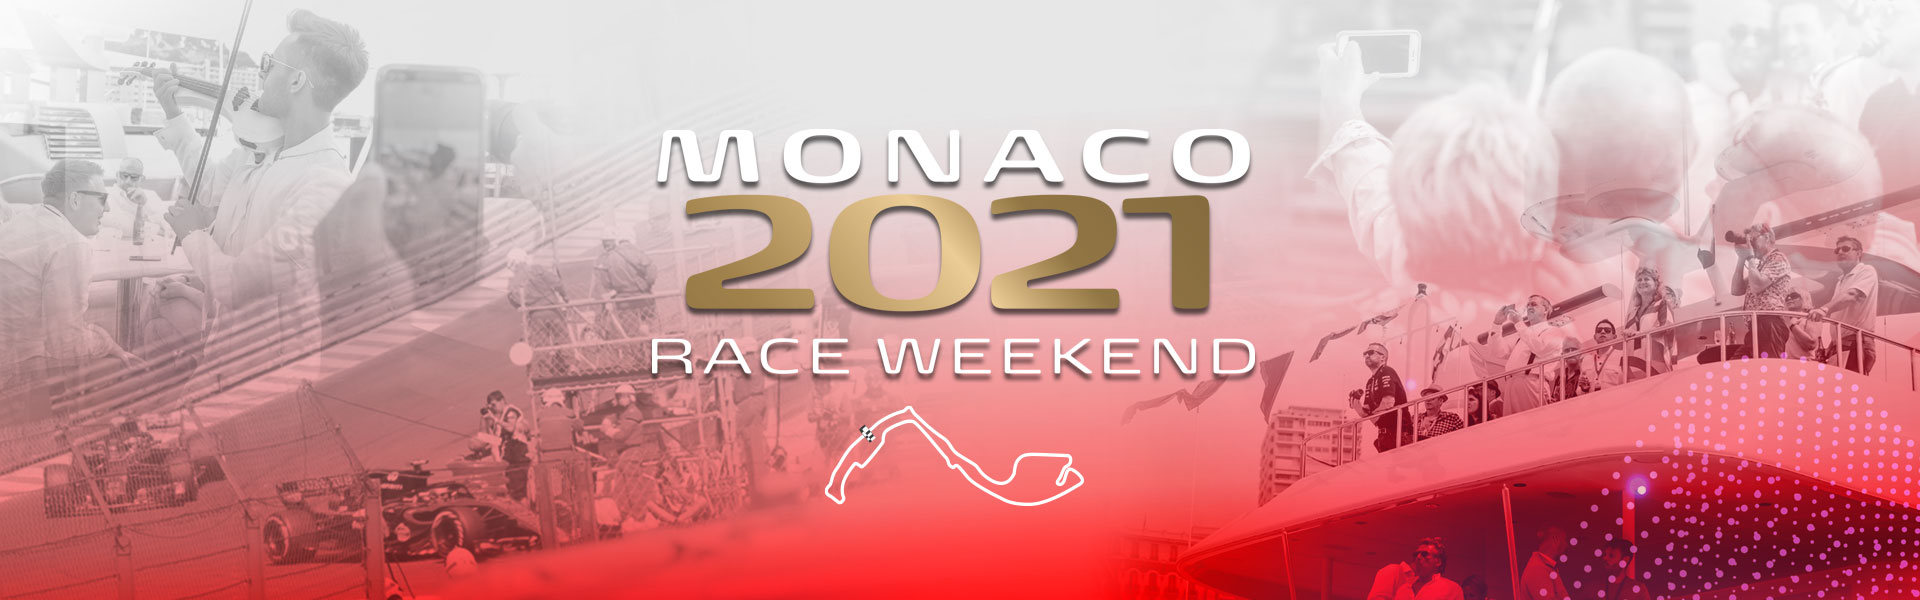 2020-Banners-Monaco-2021